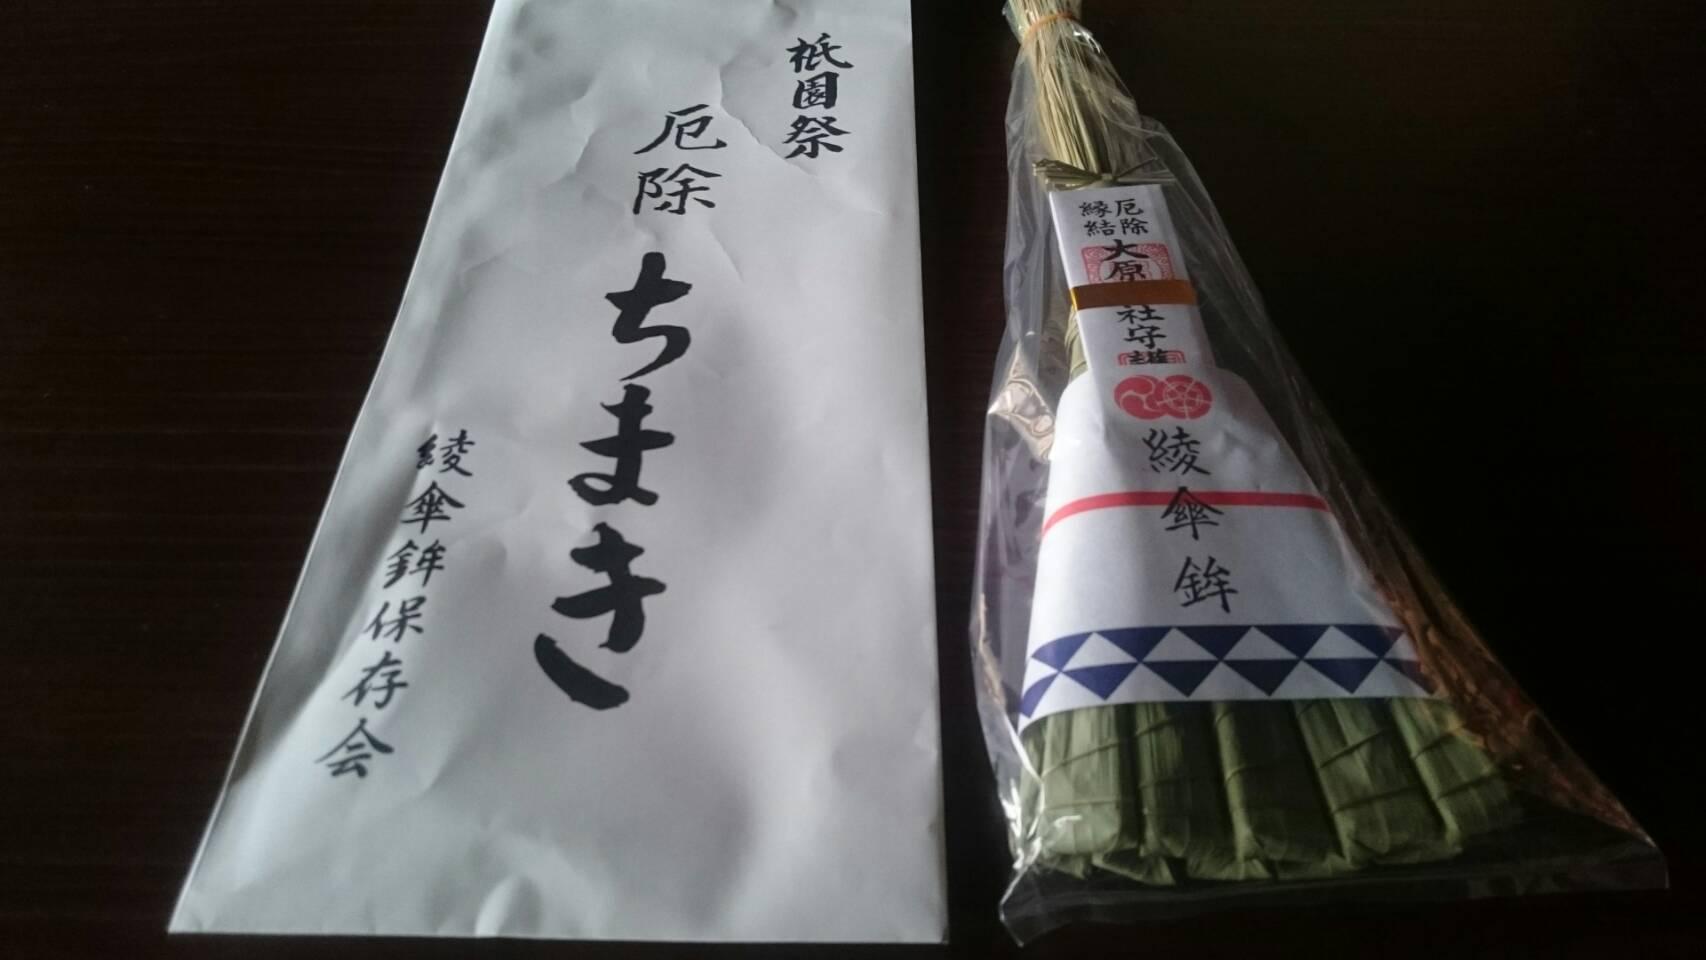 綾傘鉾のちまき(祇園祭)